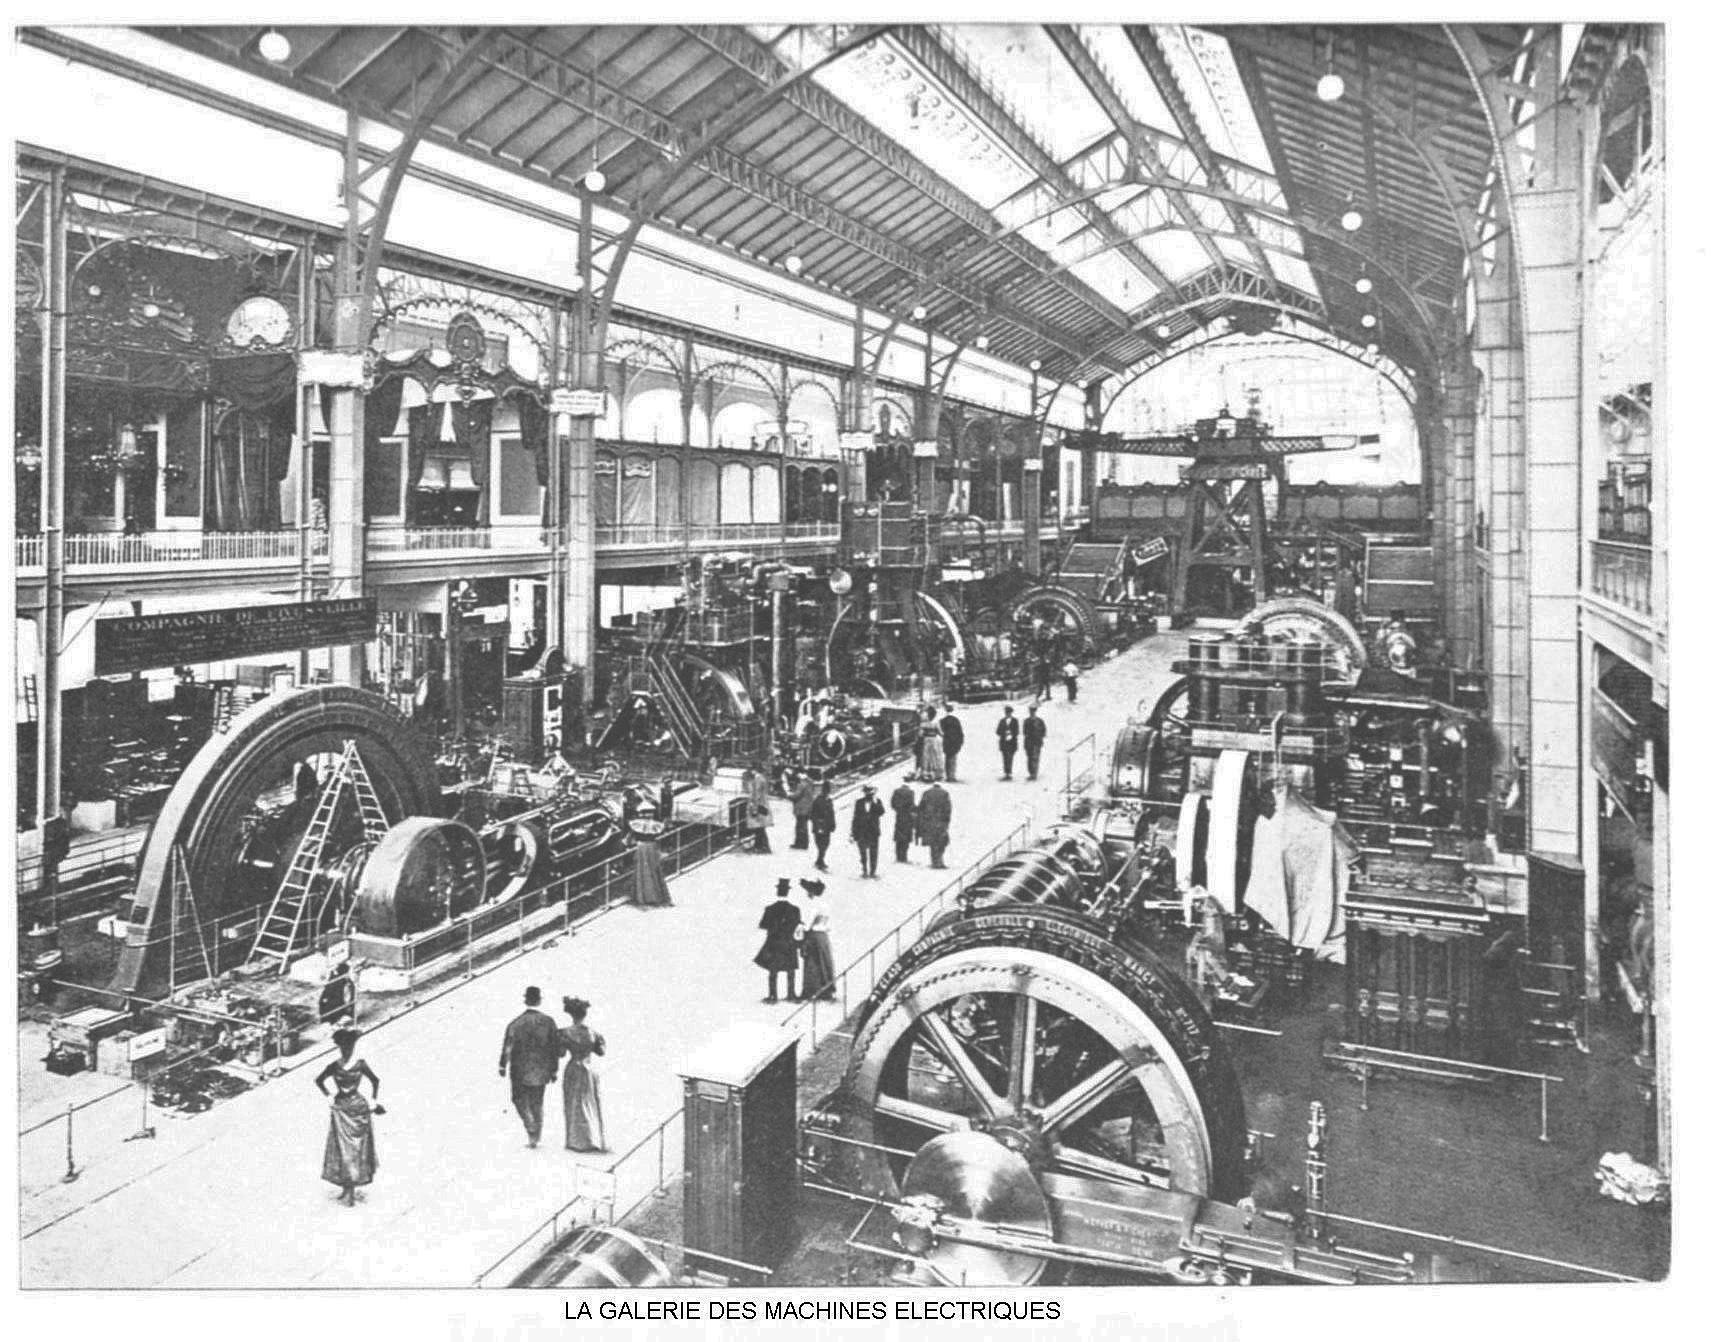 Ressources histoire exposition universelle 1900 la galerie des machines electriques